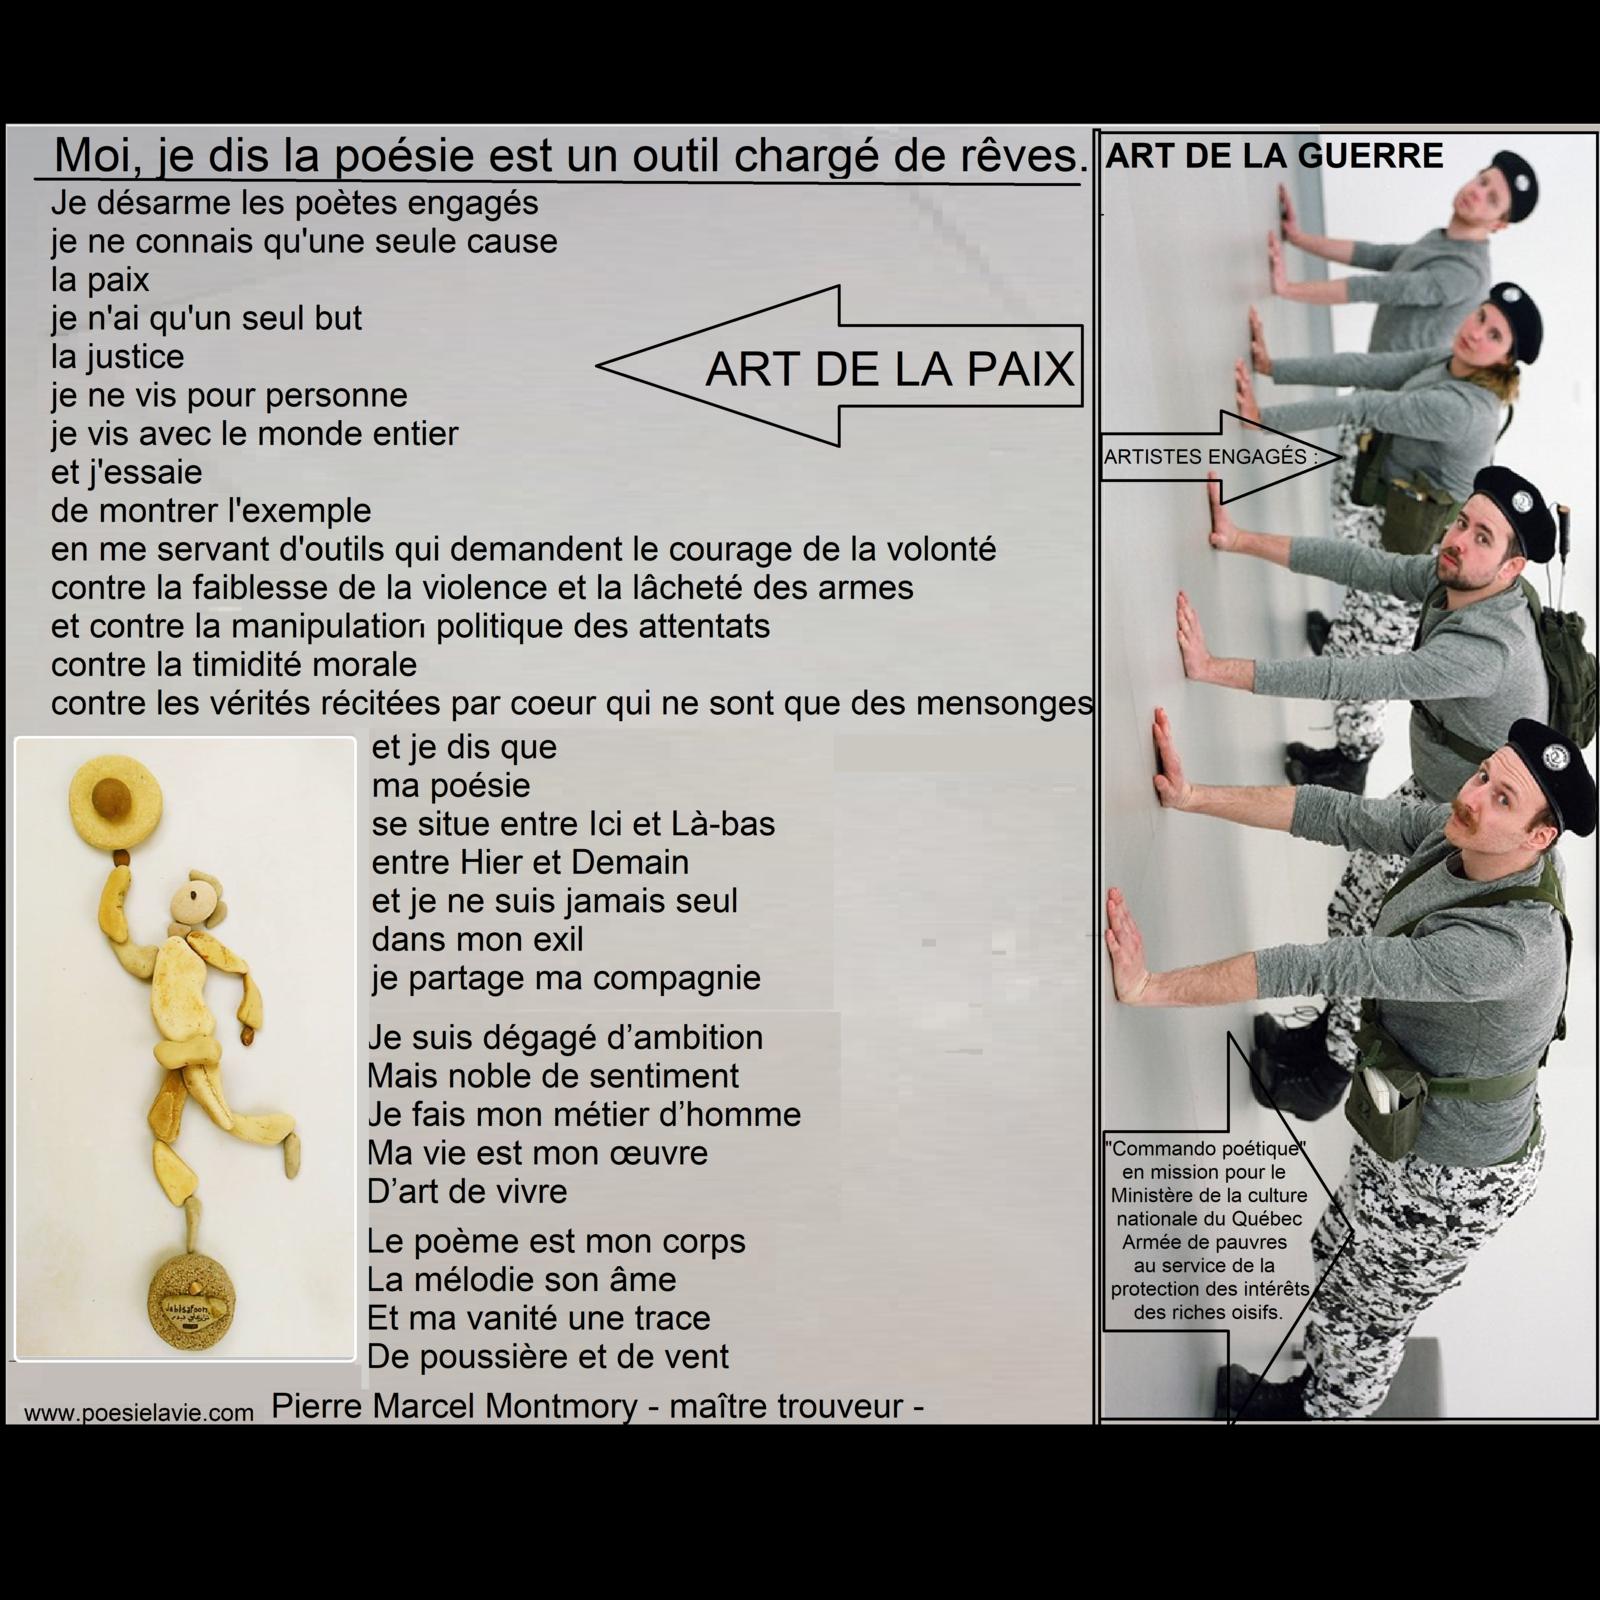 CULTURE HUMAINE - RÉFLEXIONS SUR L'ART ET LES ARTISTES